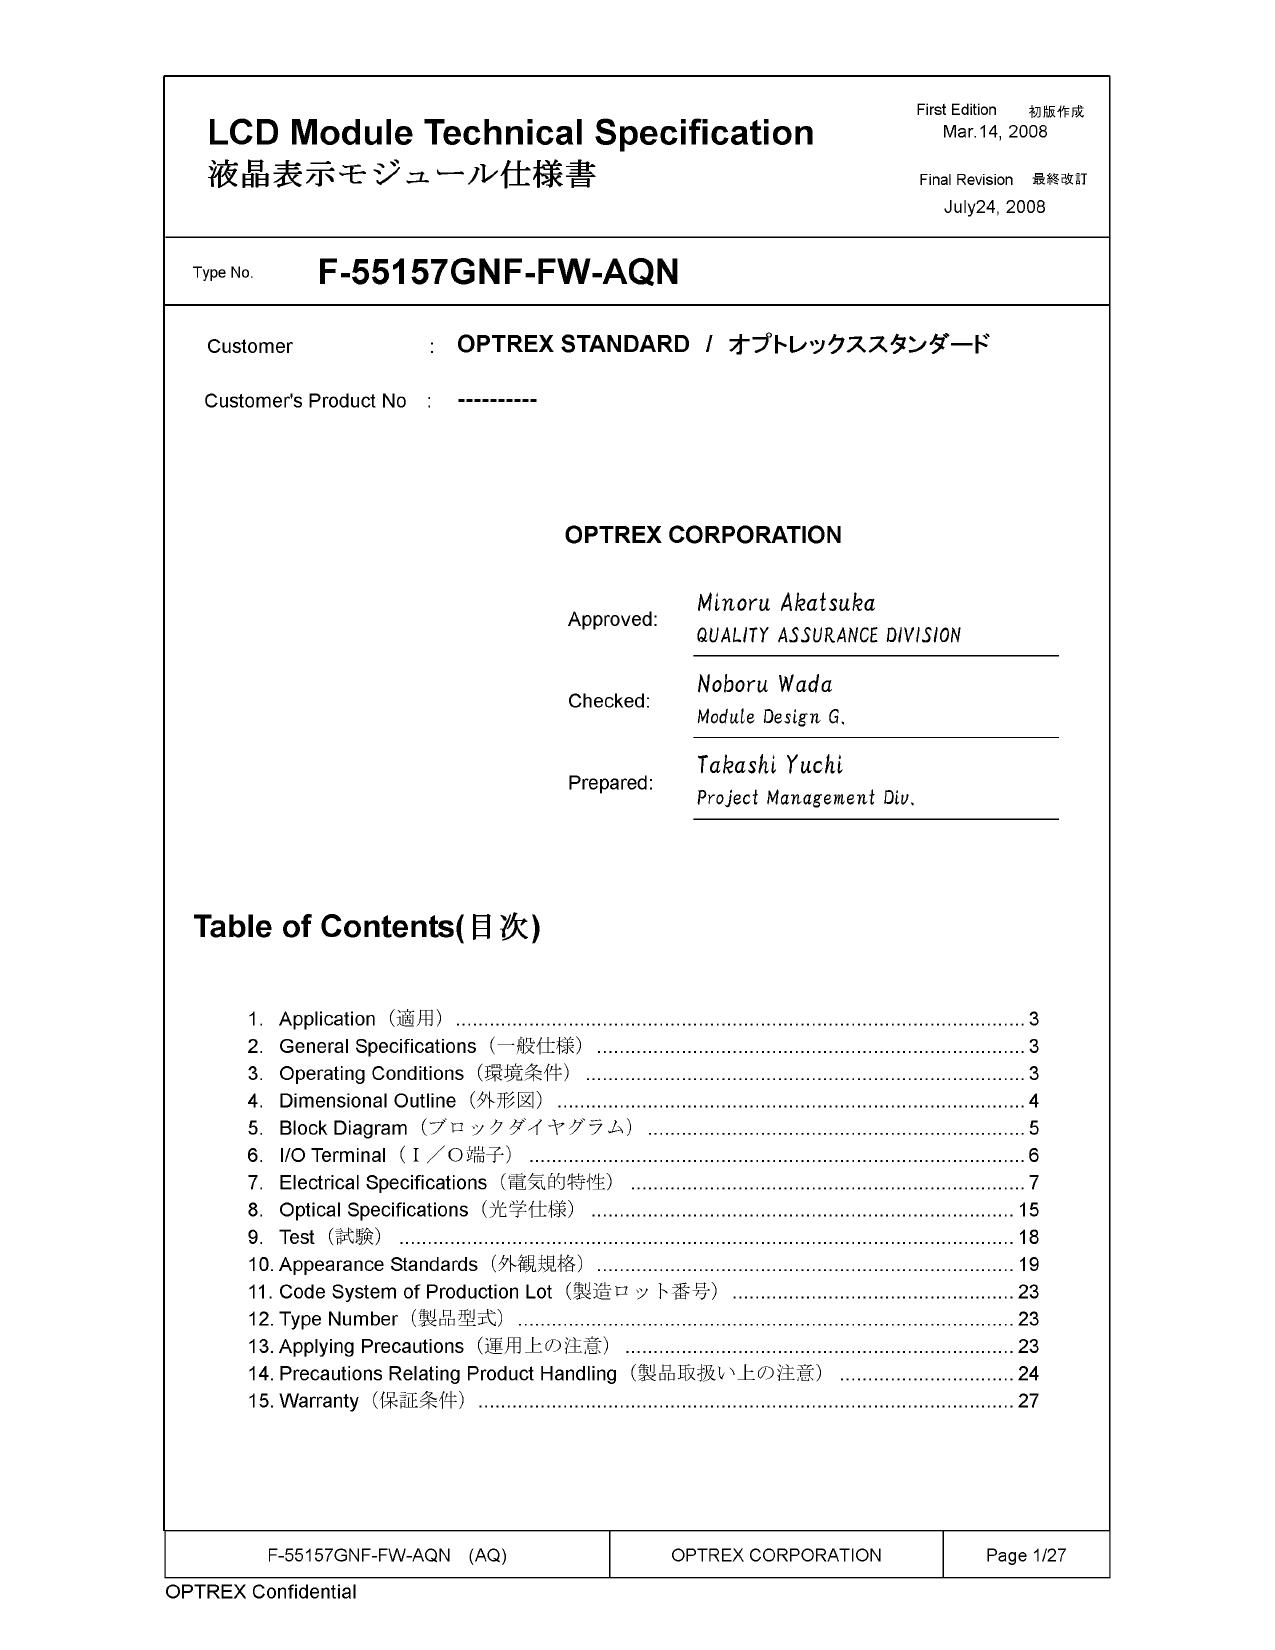 F-55157GNF-FW-AQN datasheet